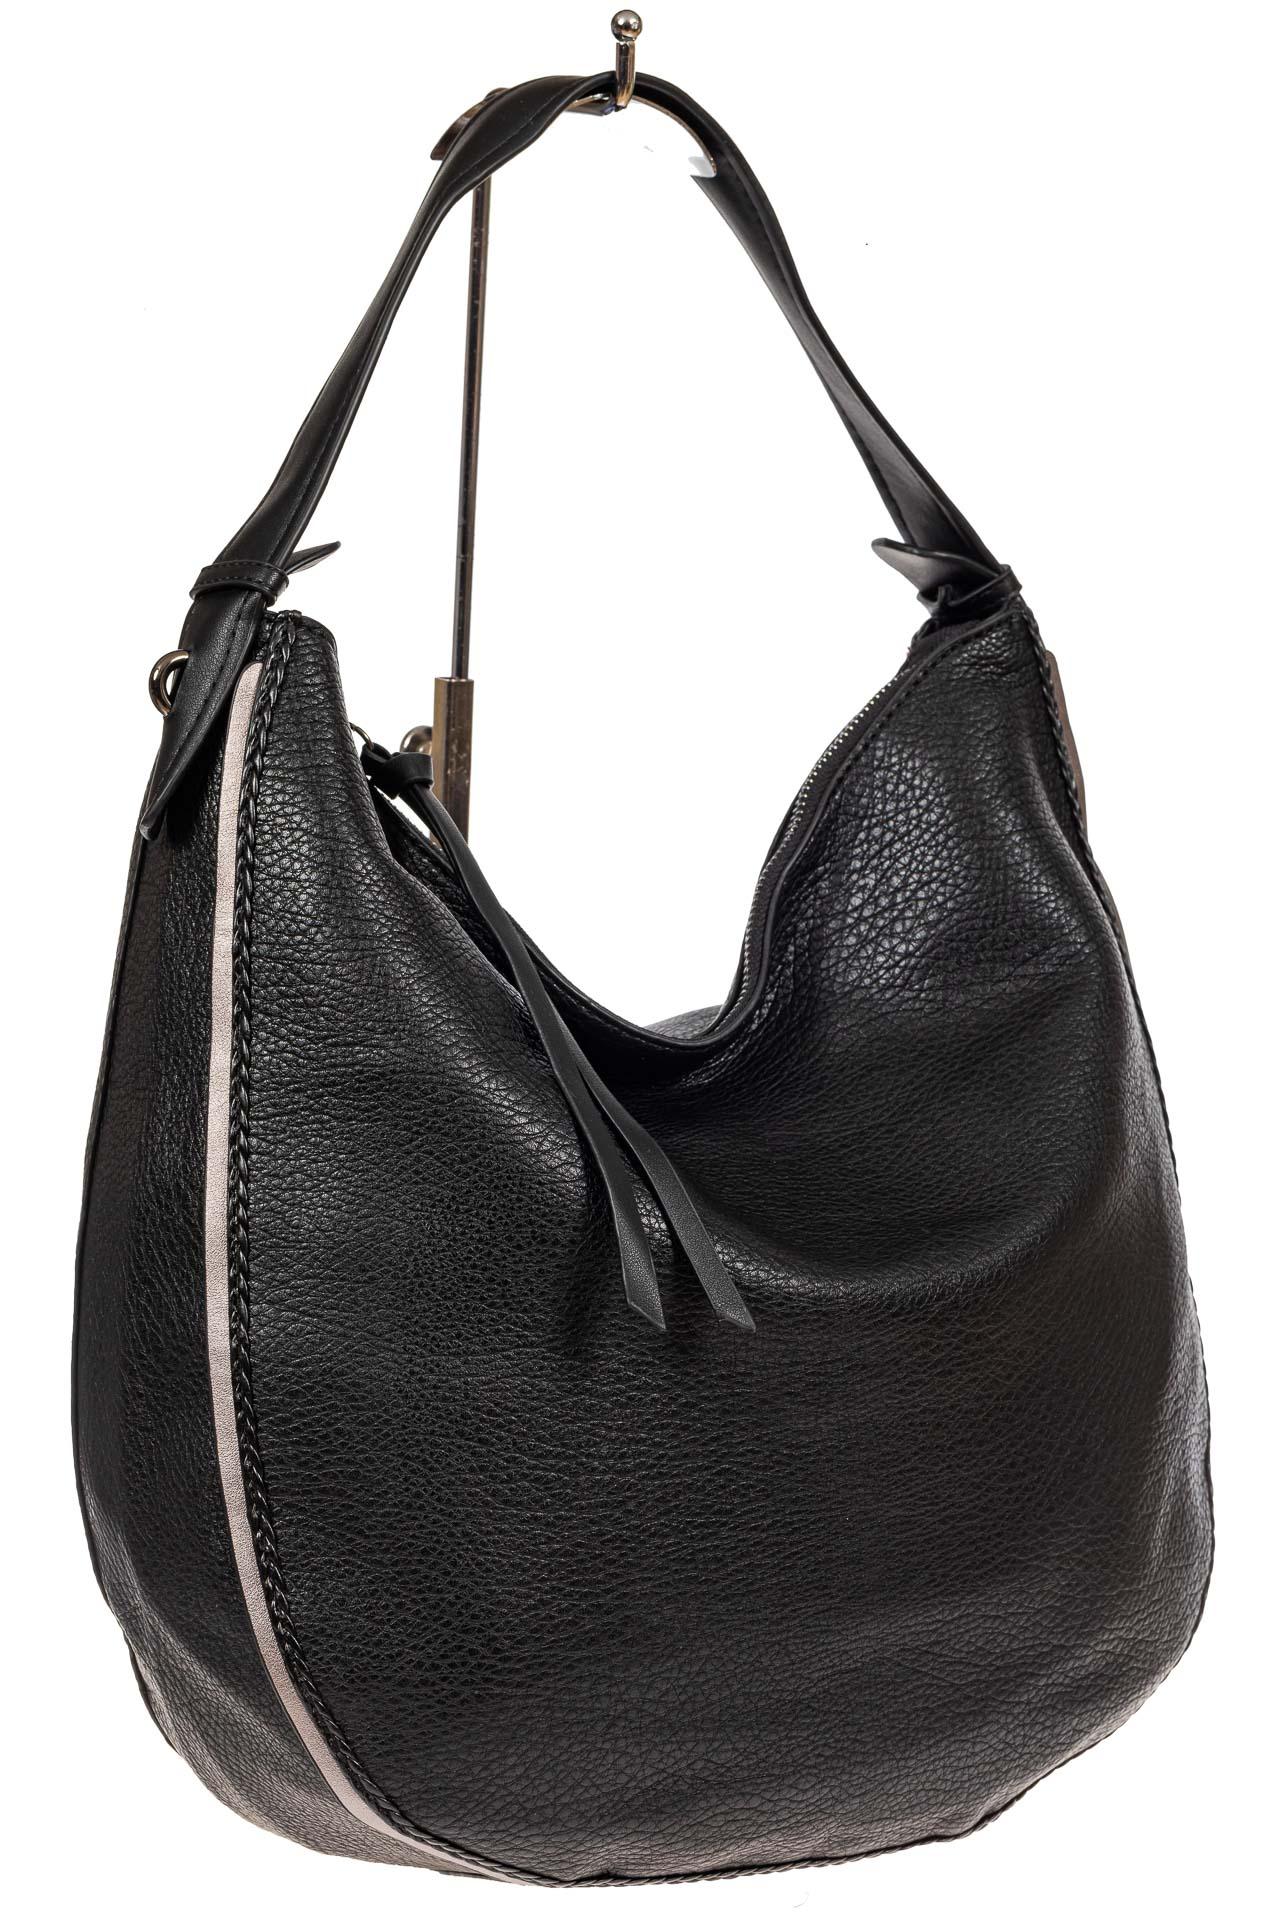 Большая сумка шоппер из искусственной кожи, цвет черный2062PTS0920/1